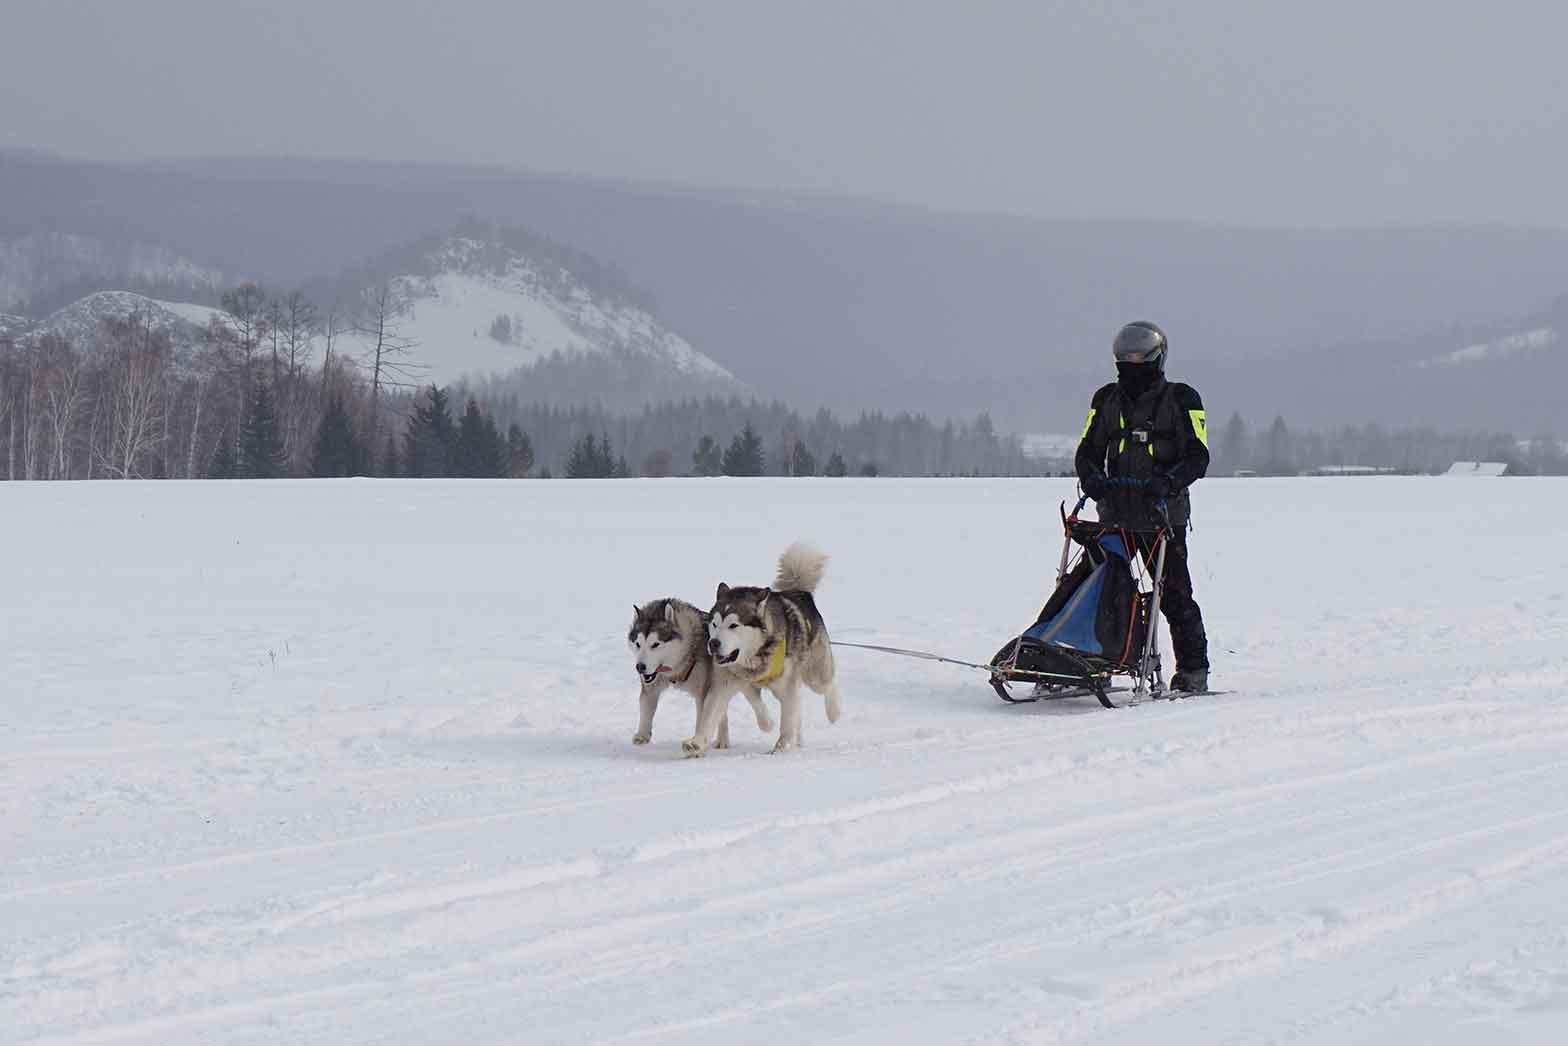 Khaski dog sledding